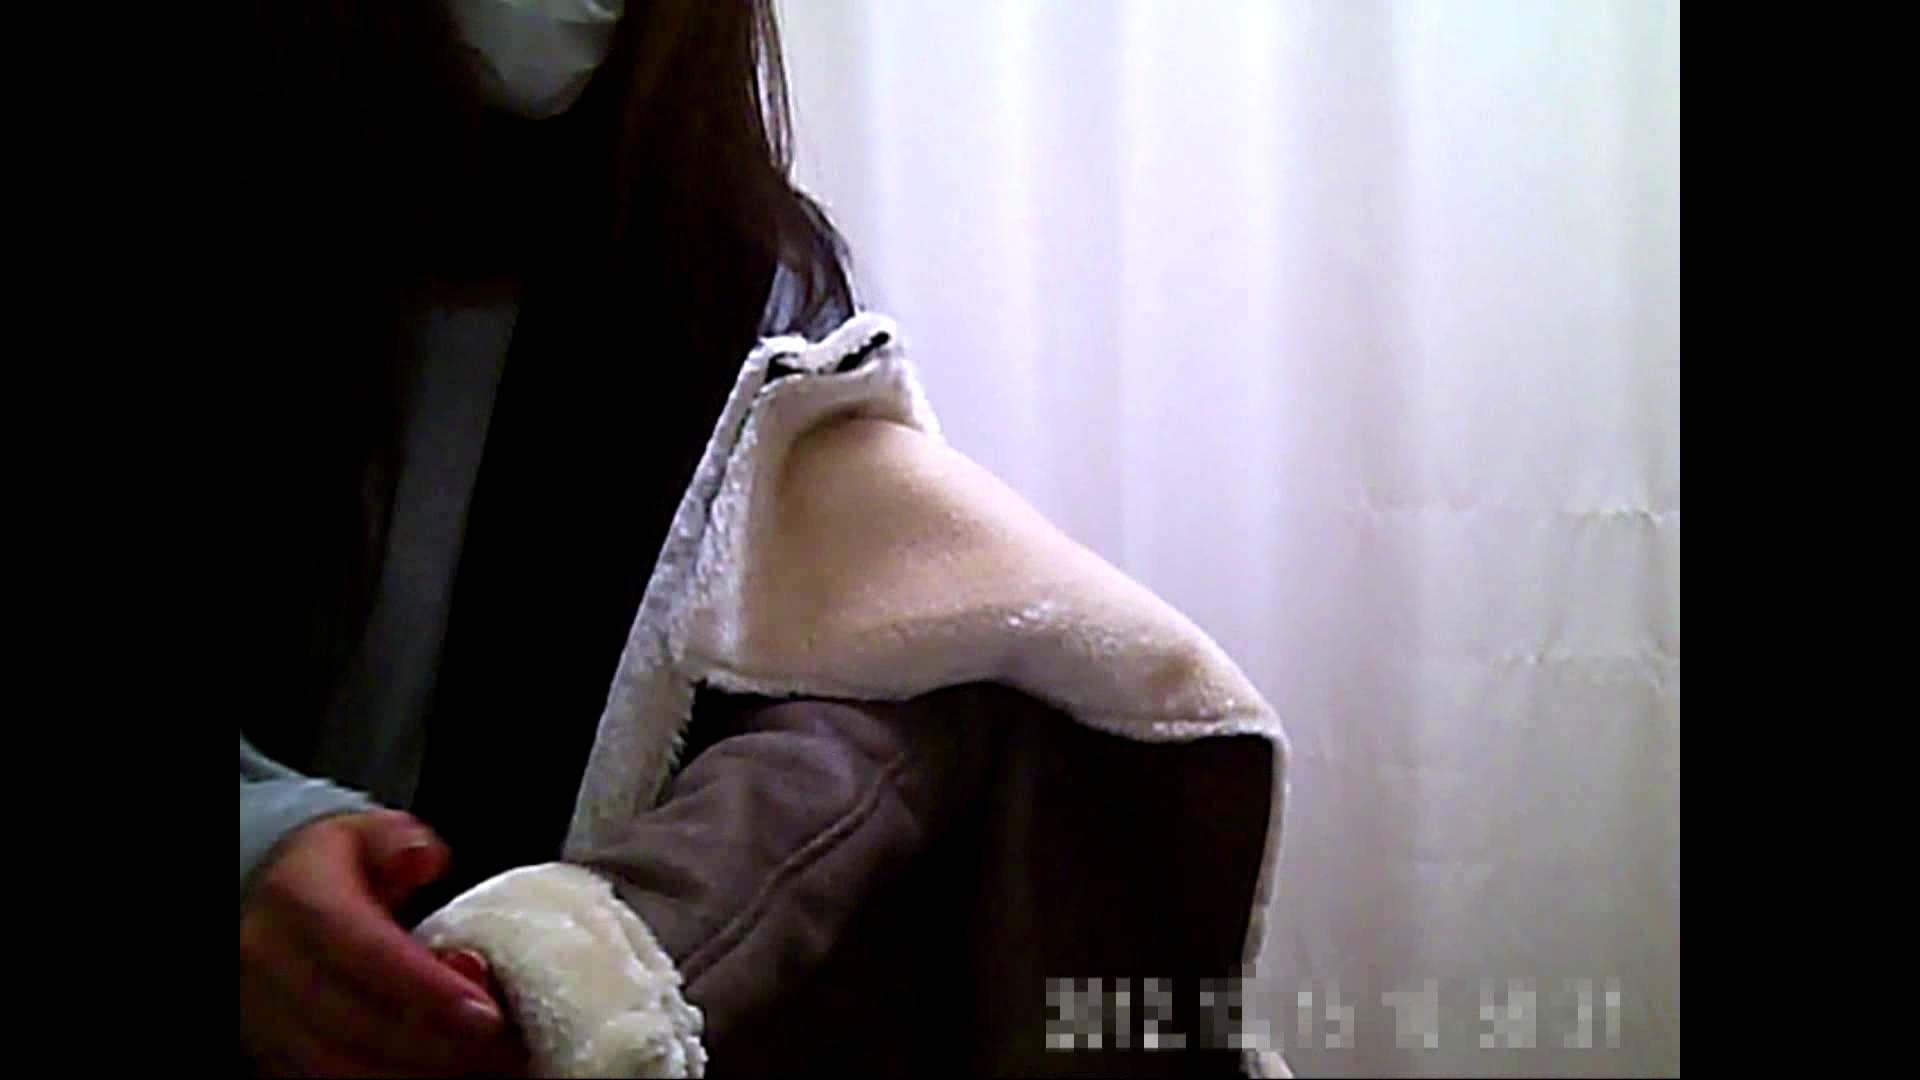 元医者による反抗 更衣室地獄絵巻 vol.117 OL  102pic 47